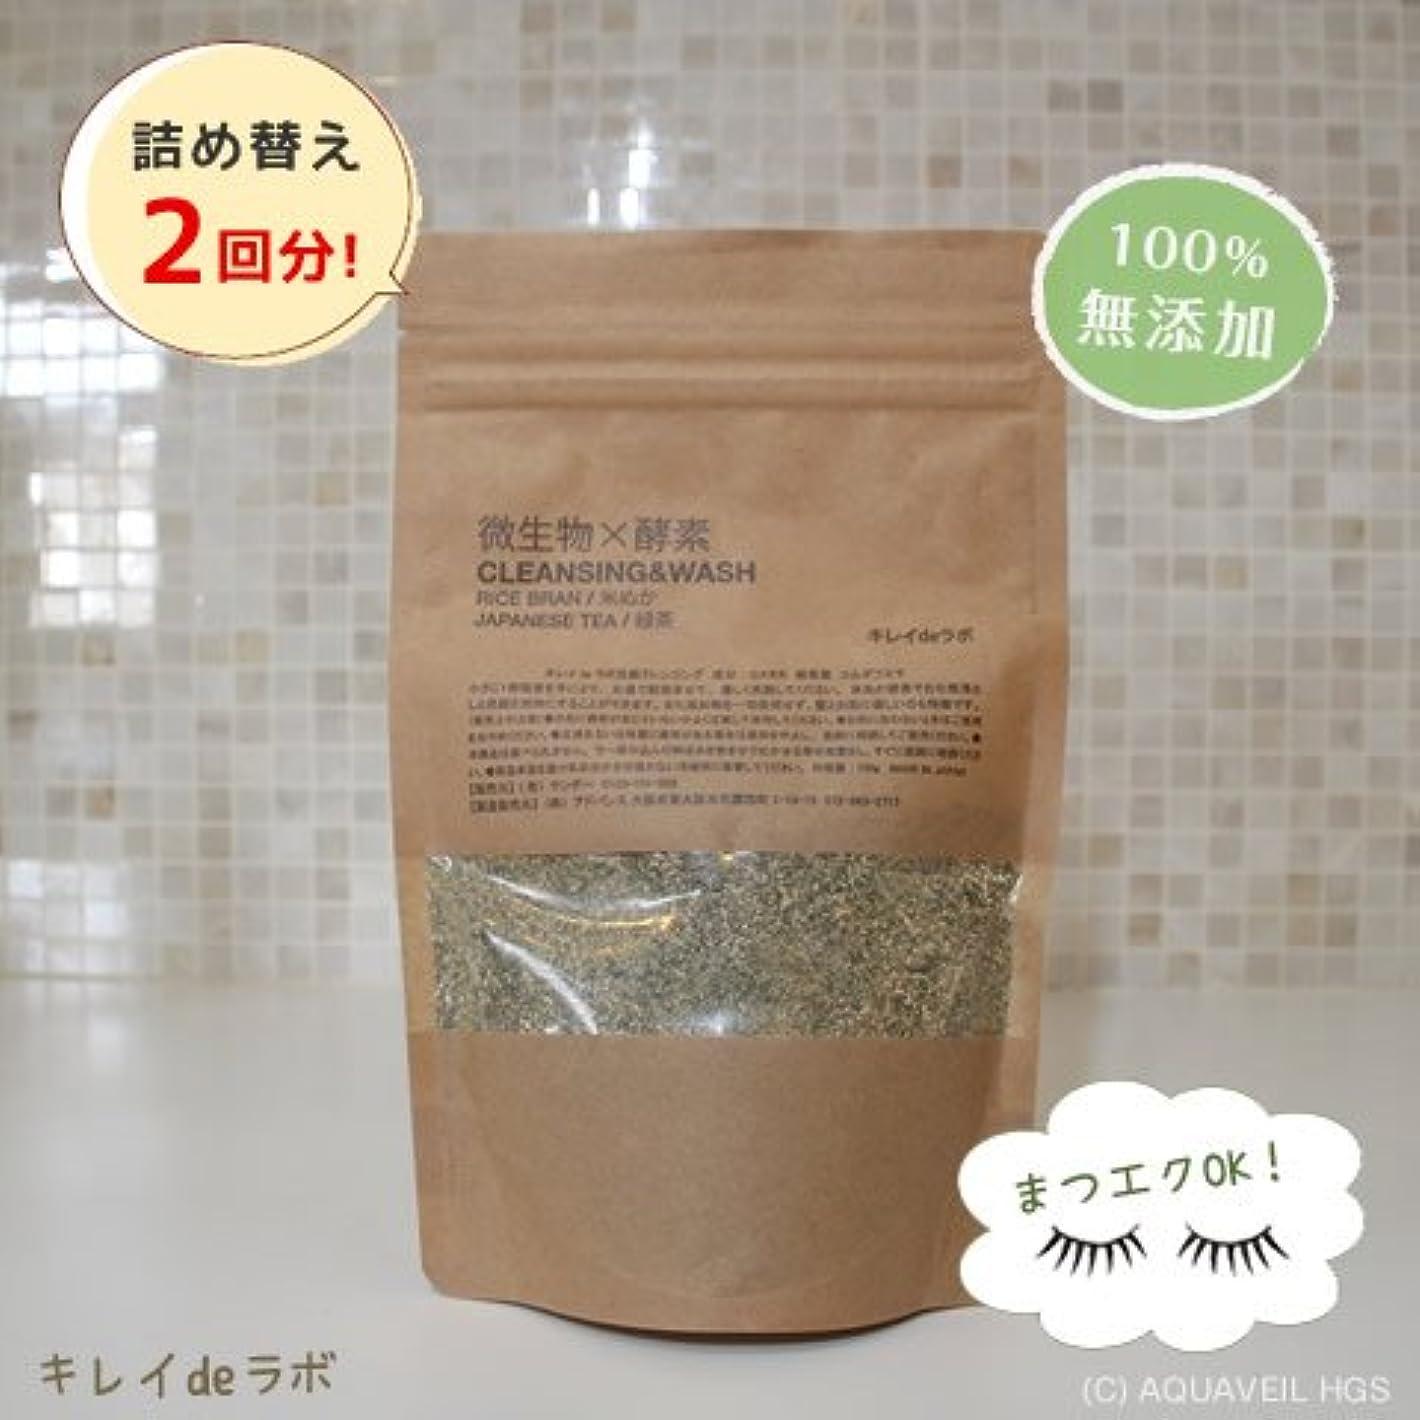 広範囲に今喜び微生物×酵素 米ぬか緑茶洗顔クレンジング100%無添加 マツエクOK … (詰替え 150g) みんなでみらいを 米ぬか使用